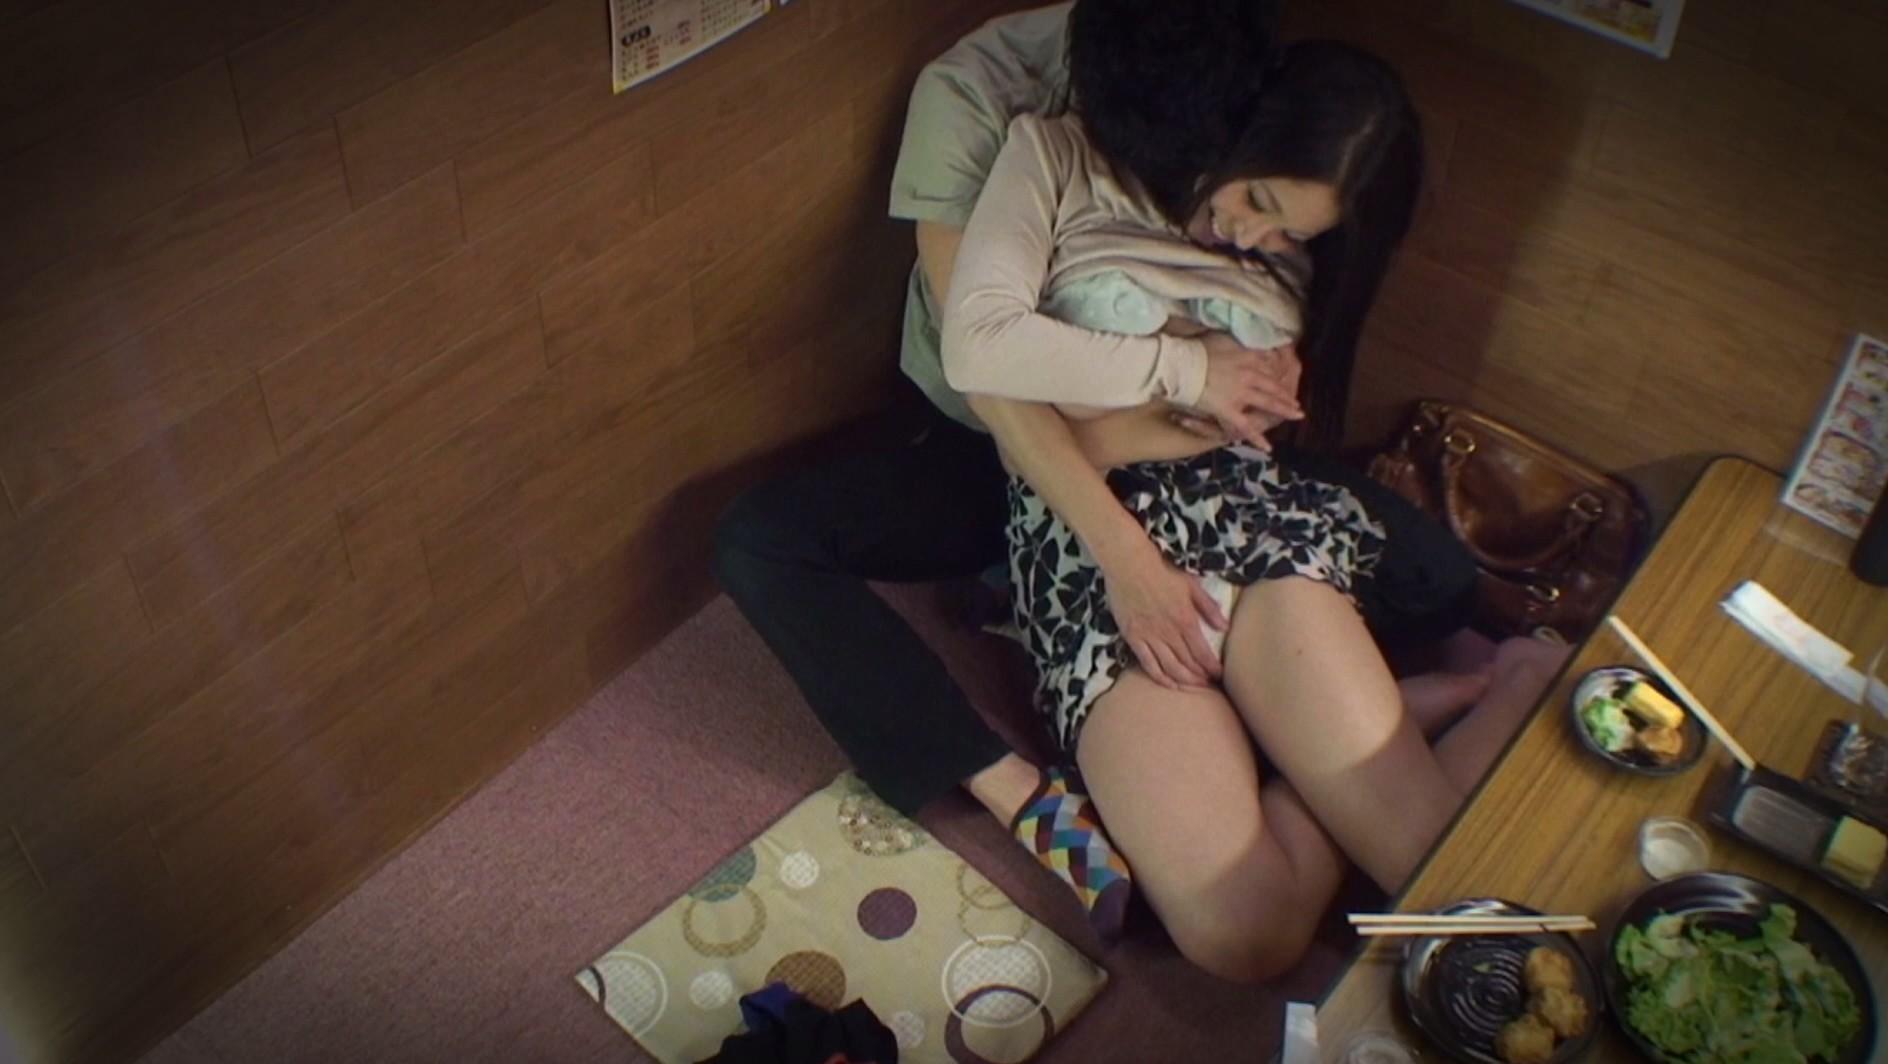 【悲報】泥酔した女が二次会で個室に連れ込まれる理由・・・・・・・(画像あり)・6枚目